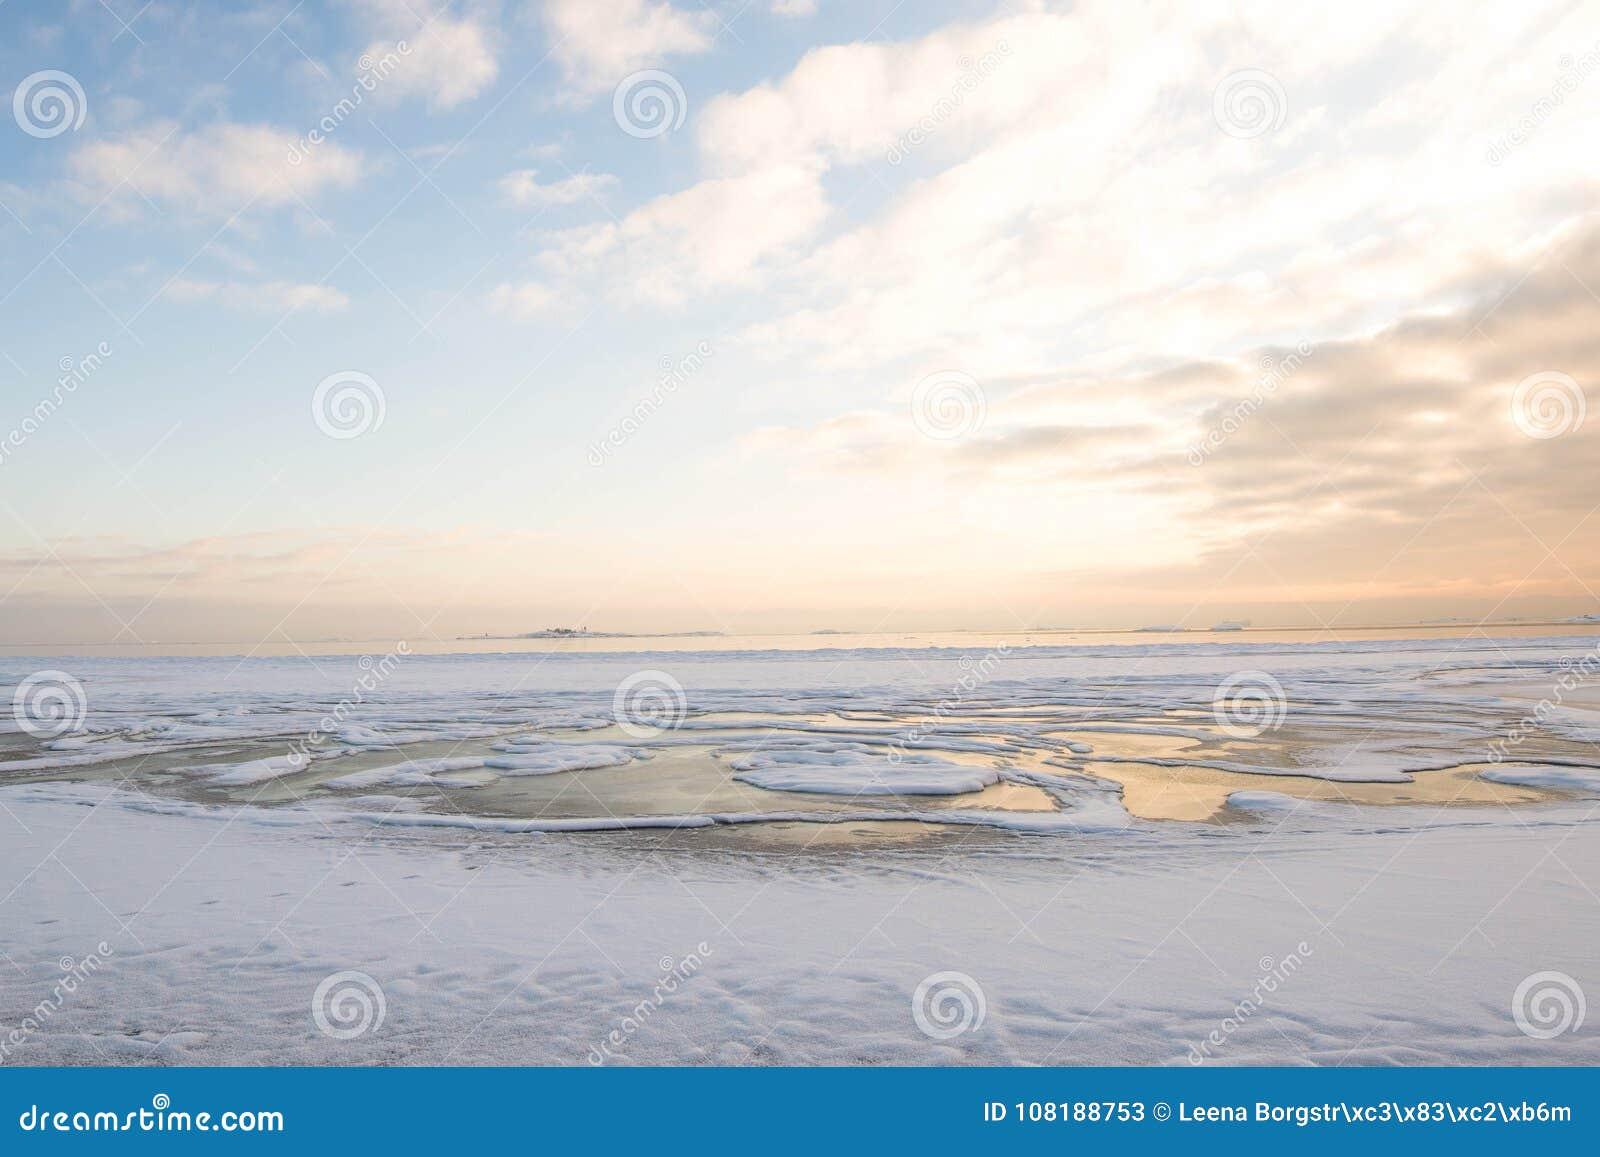 Zima zmierzch plażą, lodowaty morze